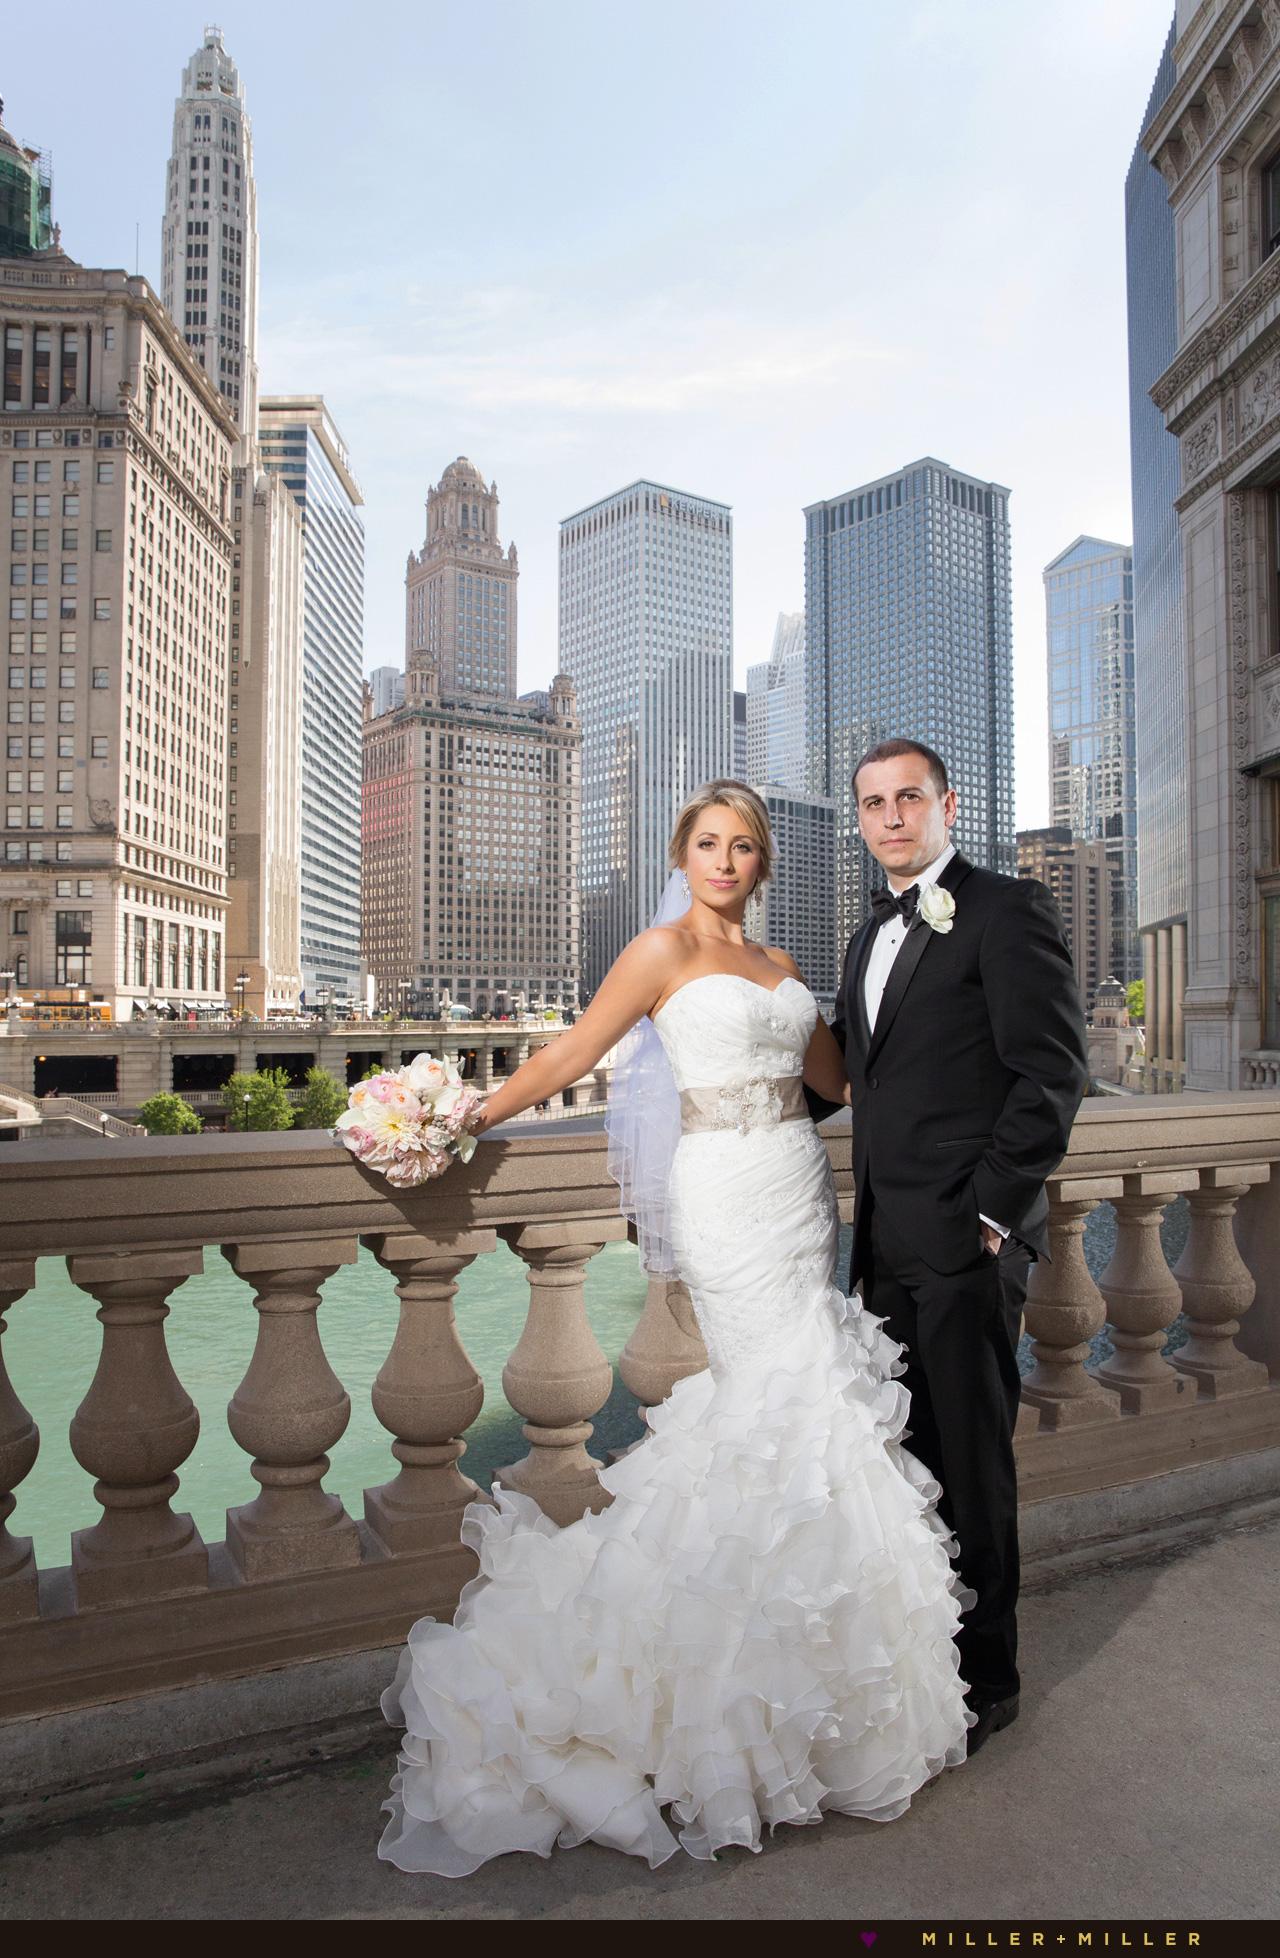 Waldorf Astoria Chicago Hotel Wedding Archives  Chicago